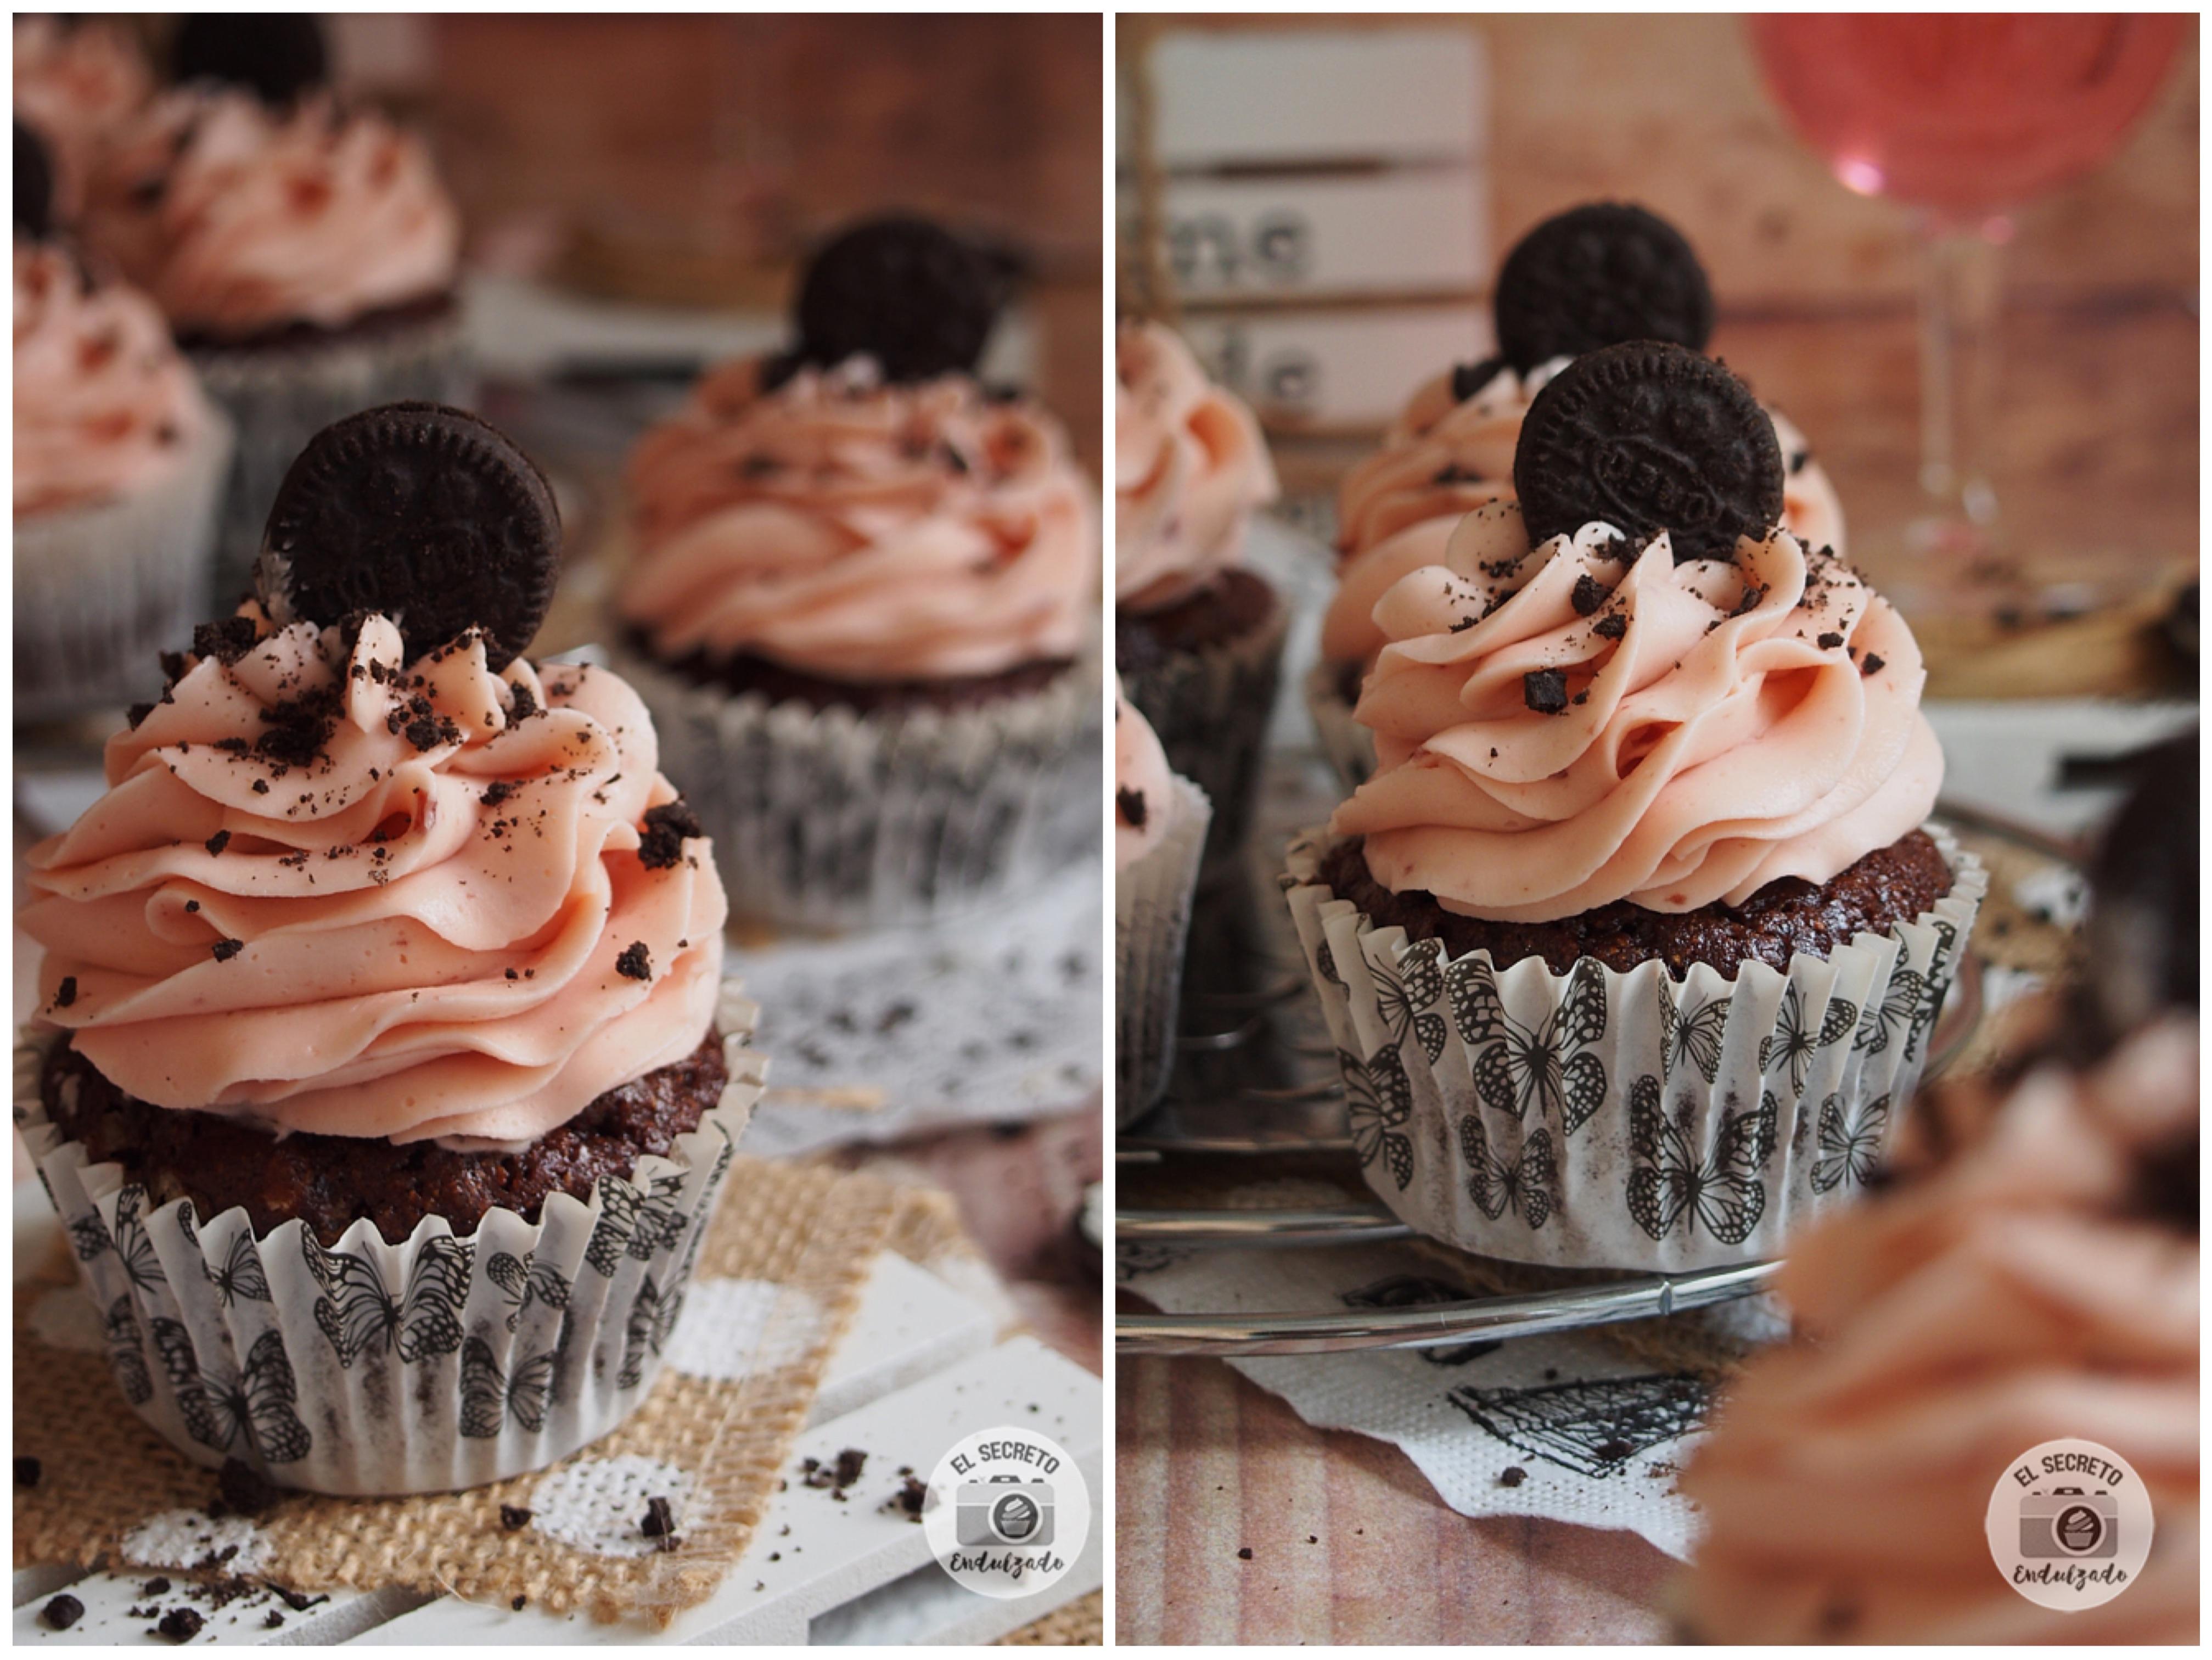 Cupcakes de Oreo con chocolate receta recipe